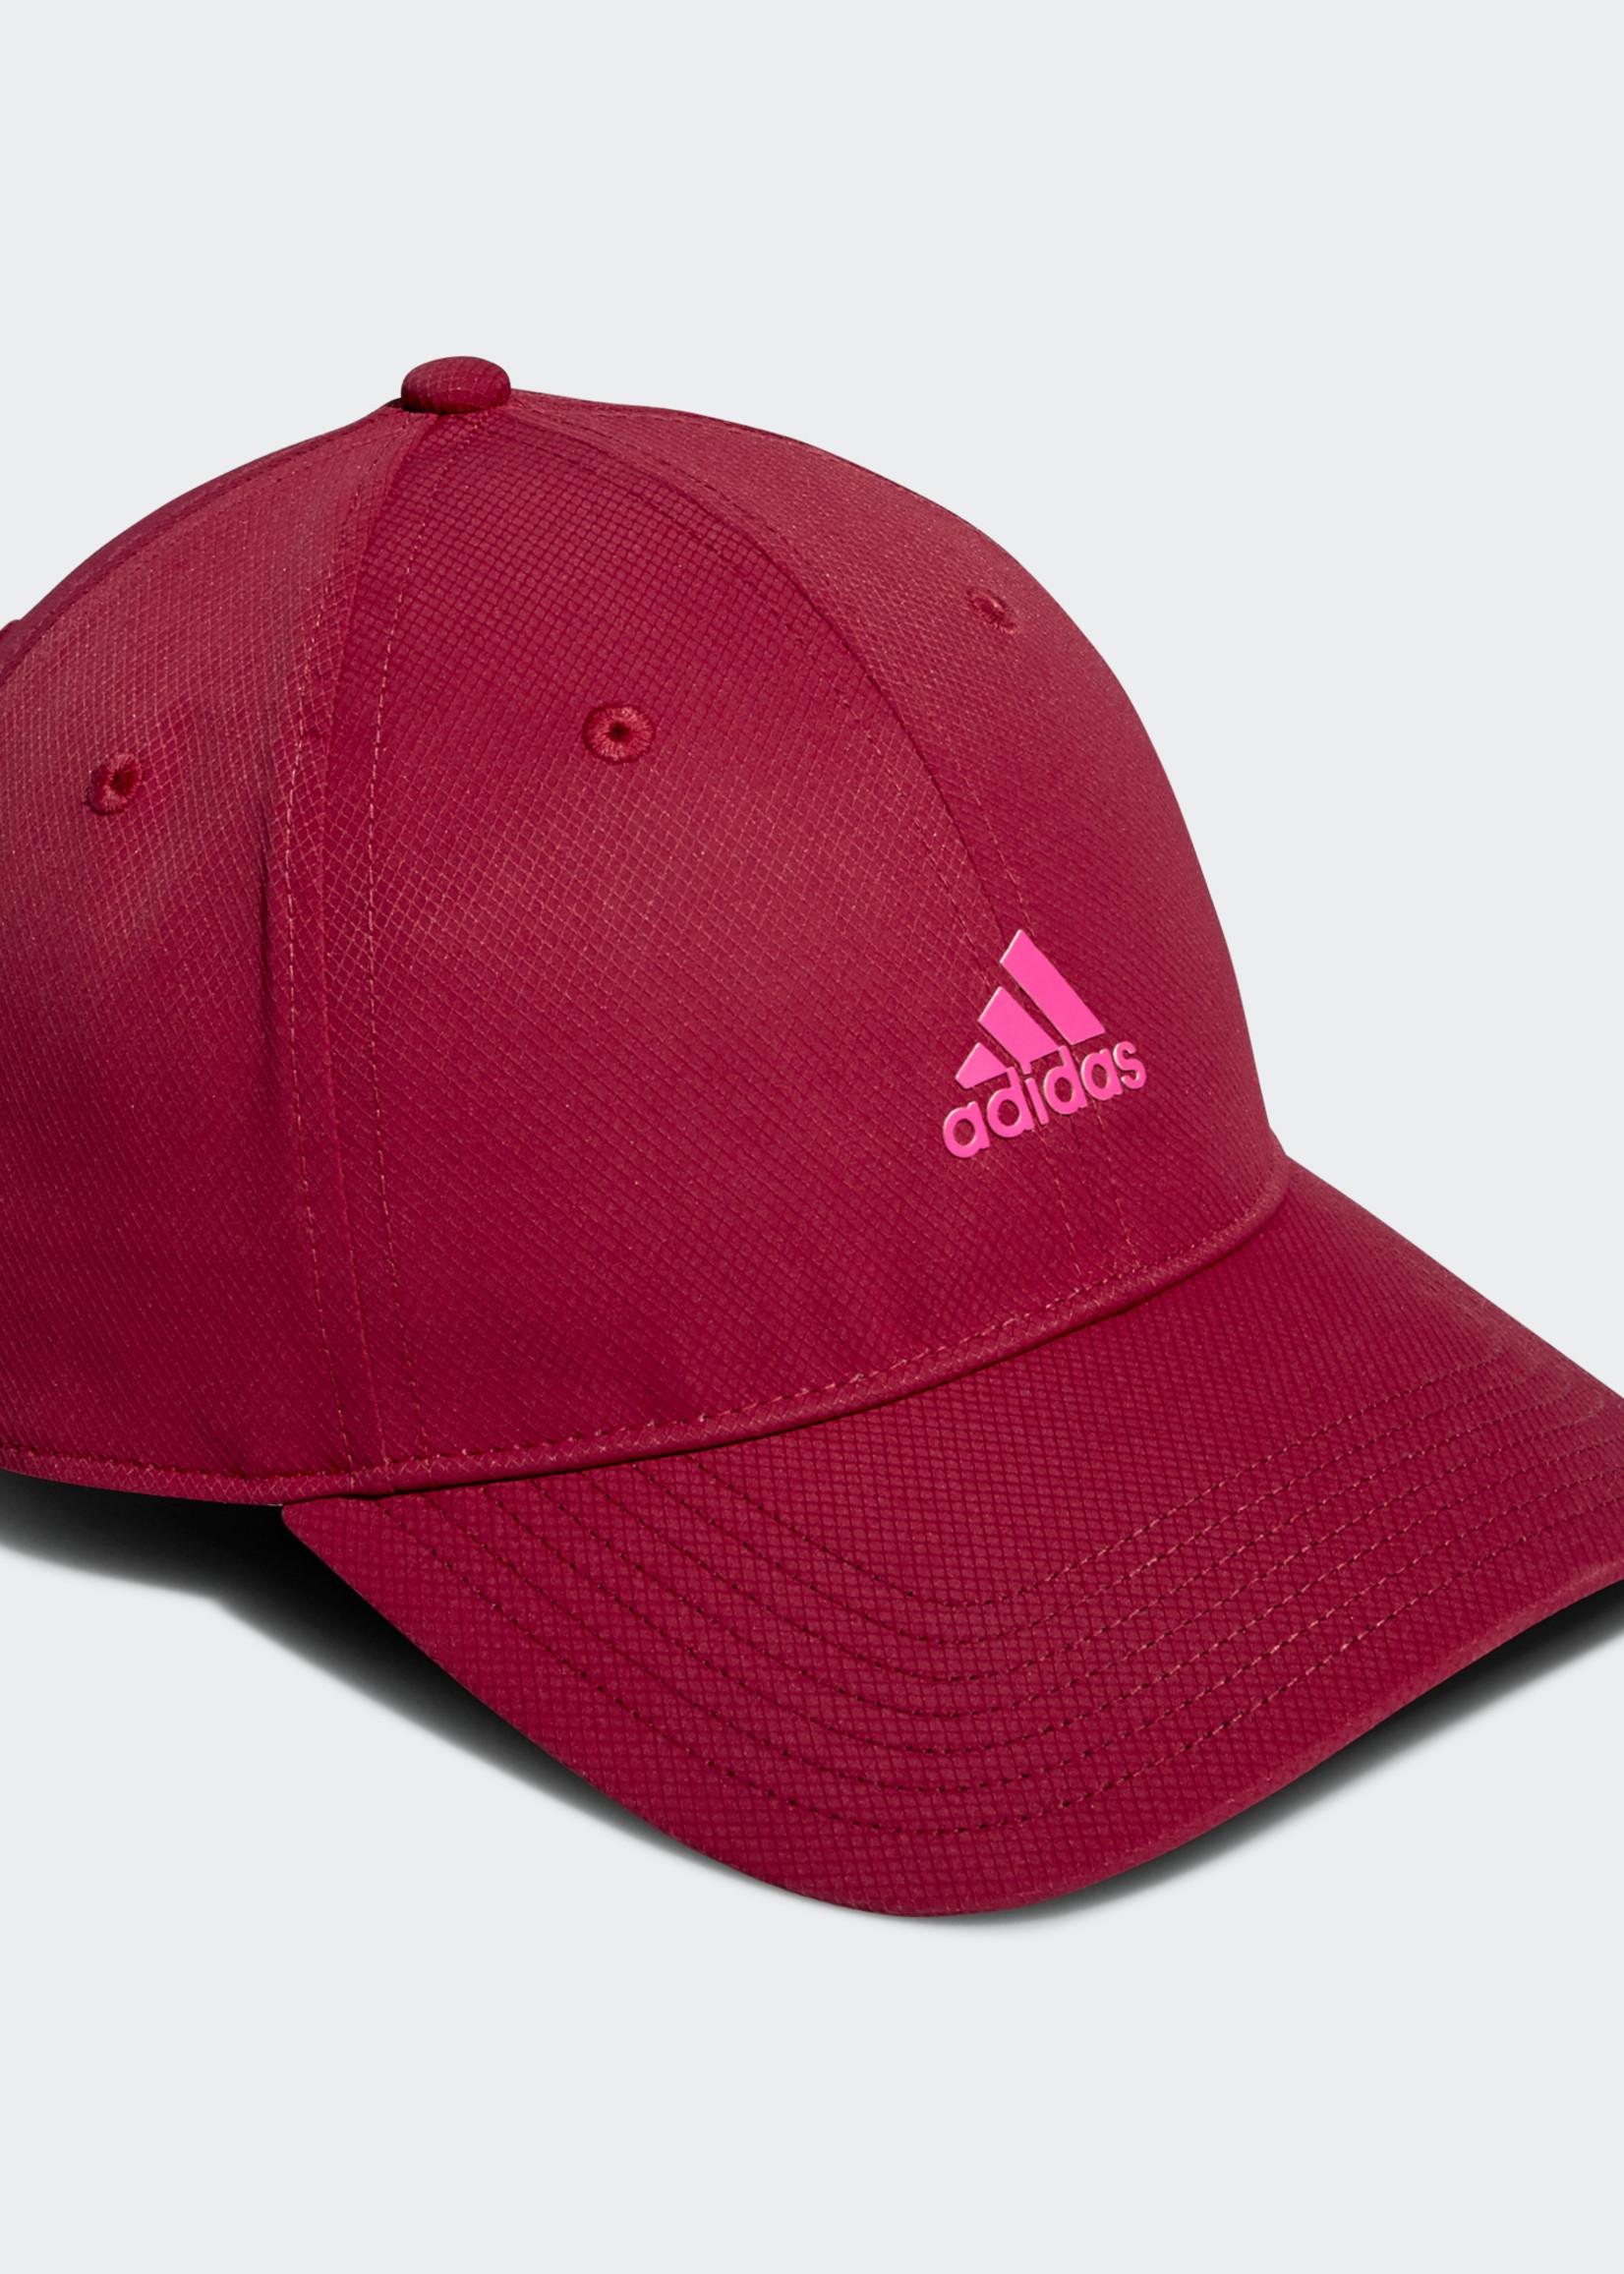 Adidas W TOUR BADGE        WILPNK